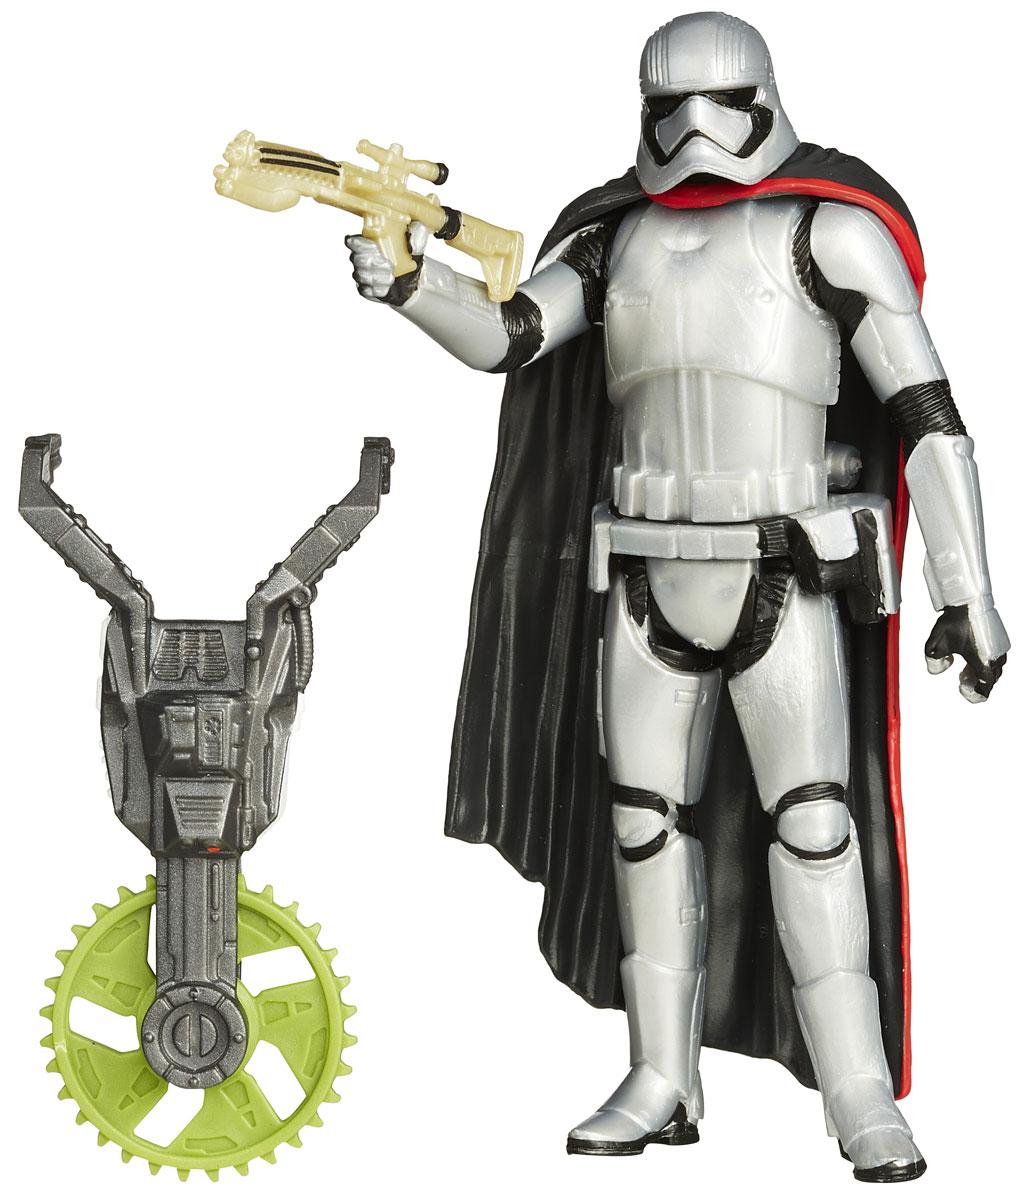 Star Wars Фигурка Captain PhasmaB3445EU4_B3447Фигурка Captain Phasma создана в виде героя всеми любимой фантастической саги Звездные Войны. Фигурка из пластика проработана до мельчайших деталей и является точной копией своего прототипа в уменьшенном размере. Конечности фигурки подвижны: поворачивается голова, сгибаются ноги и руки. Все это сделает игру реалистичной и разнообразной. Герой Капитан Фазма - командир легиона десантников первого порядка, одетый в характерные металлические доспехи. Такая фигурка непременно понравится поклоннику Звездных войн и станет замечательным украшением любой коллекции. В наборе: фигурка и снаряжение.